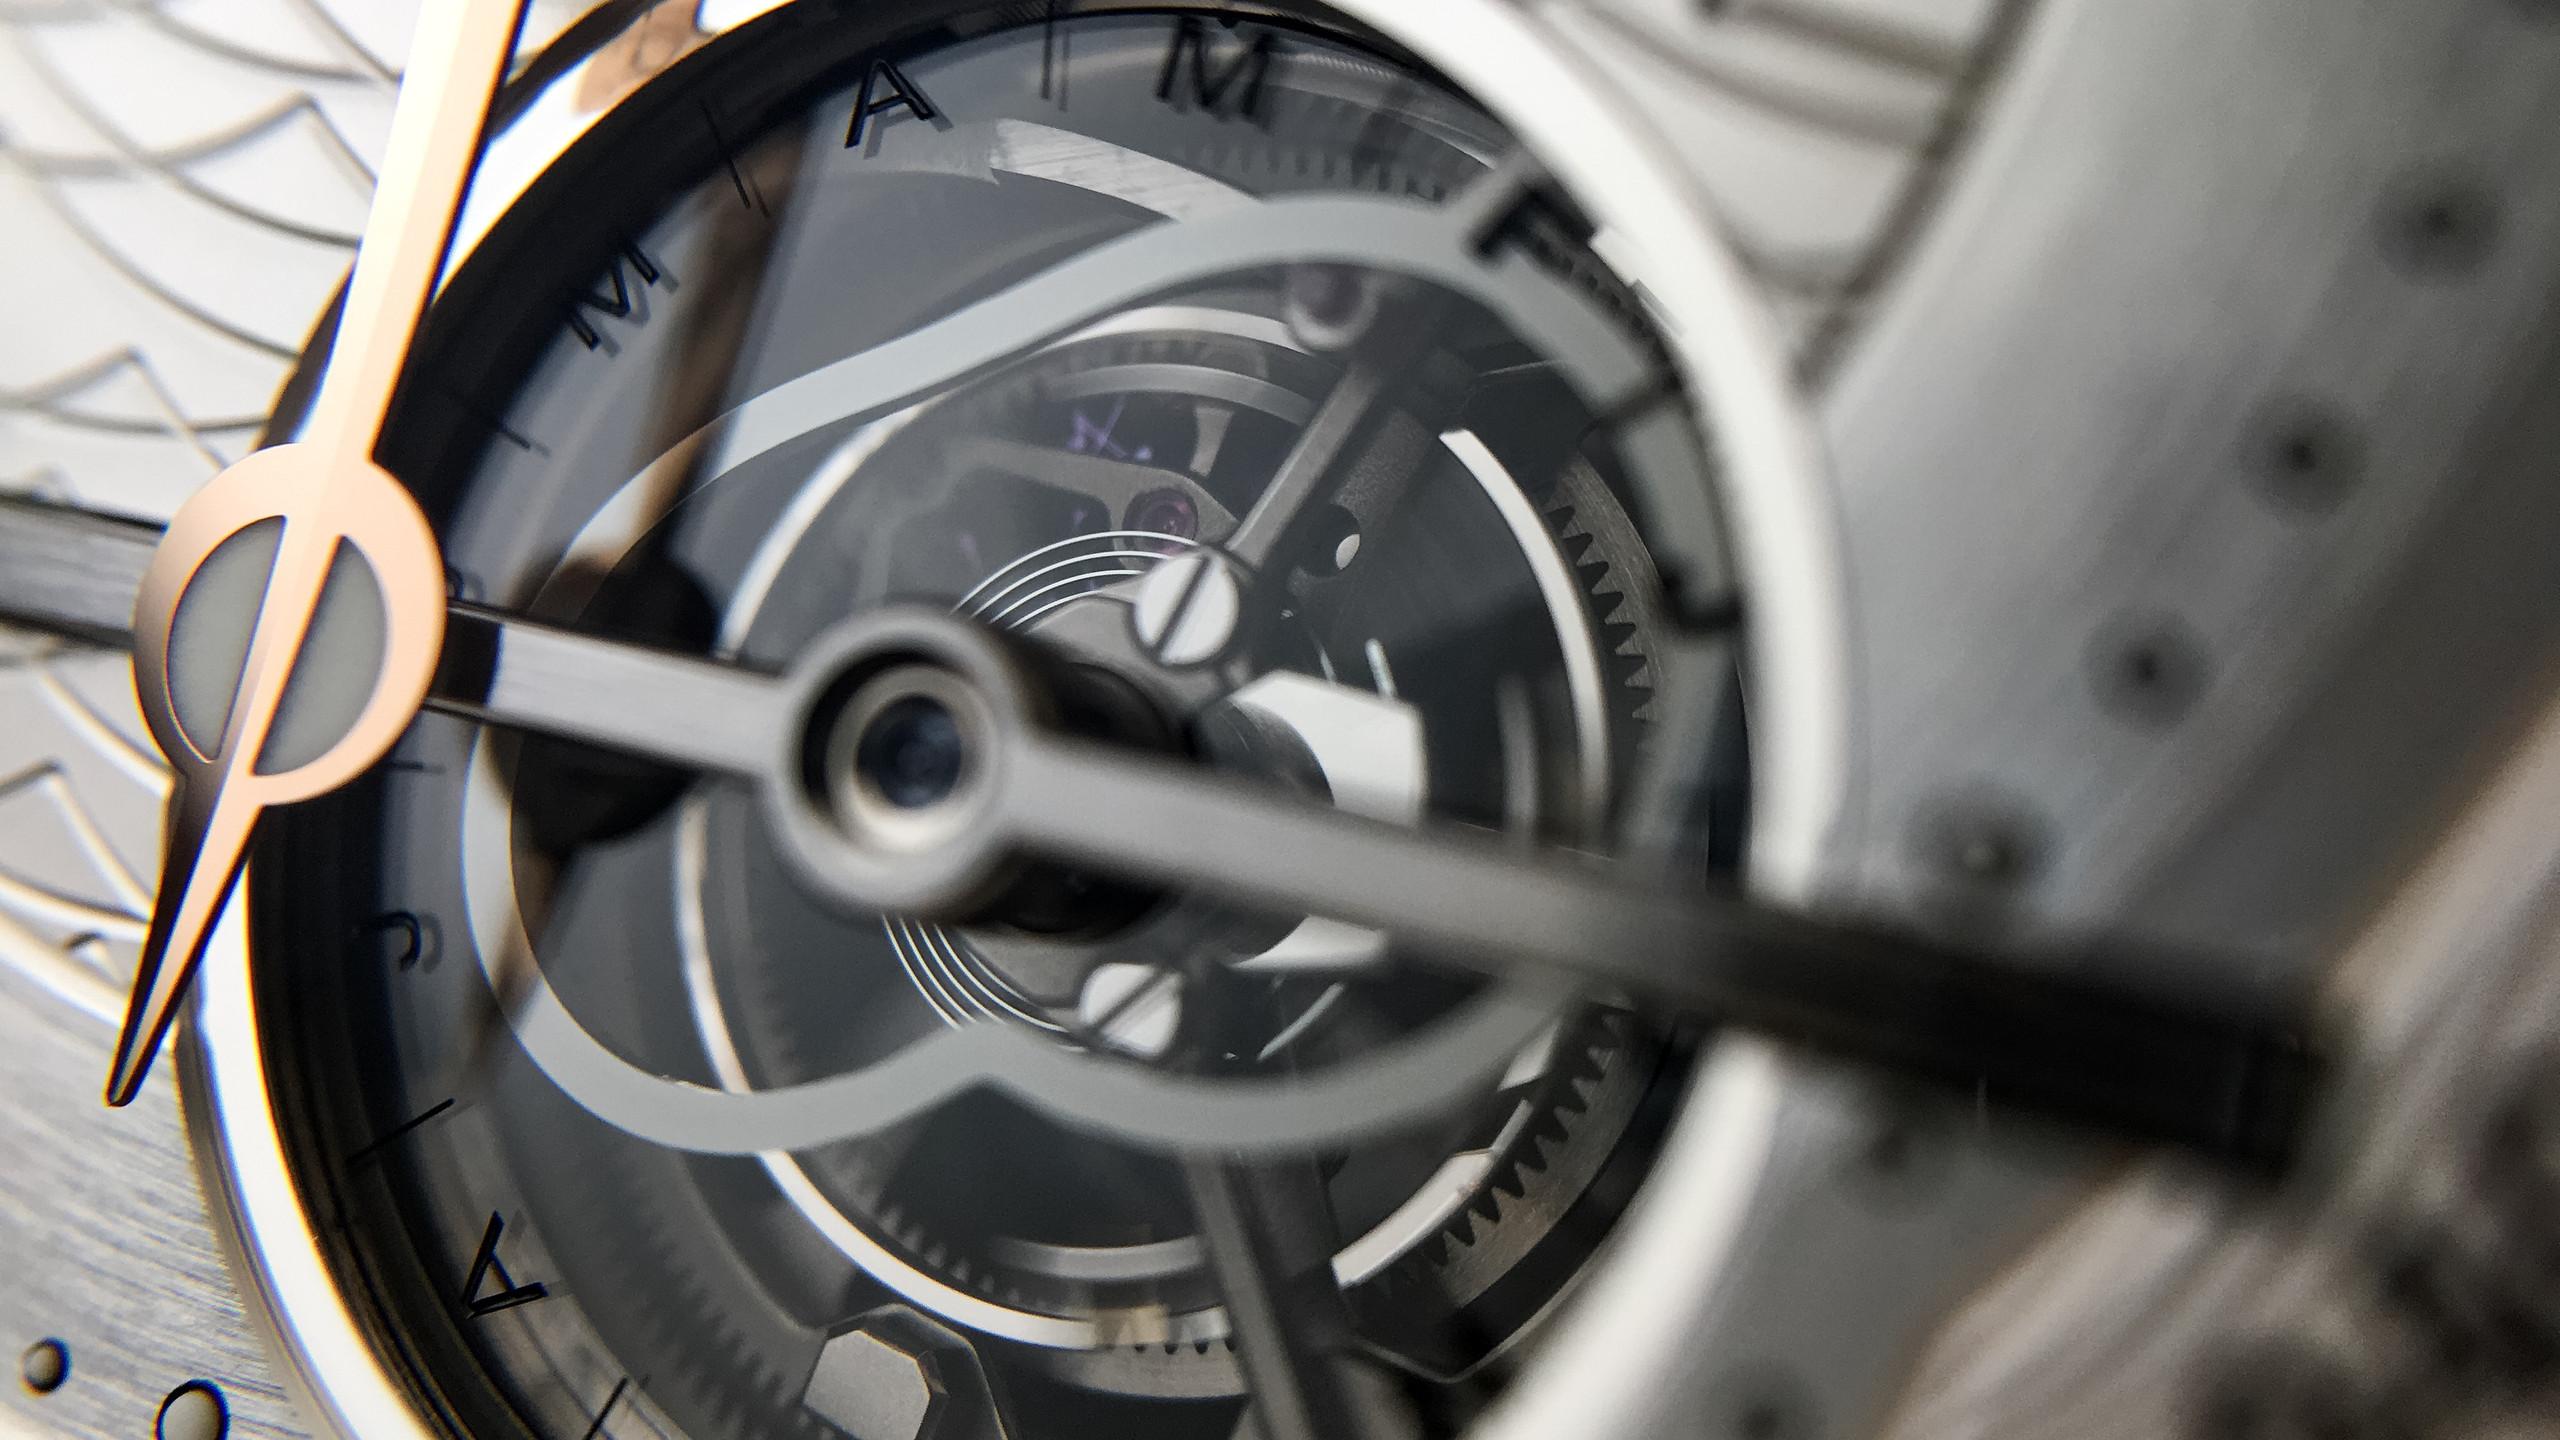 表盤5時位置視窗,配備60秒轉動一圈的陀飛輪,亦可見置於陀飛輪軸上的8字形日行軌跡時差凸輪。